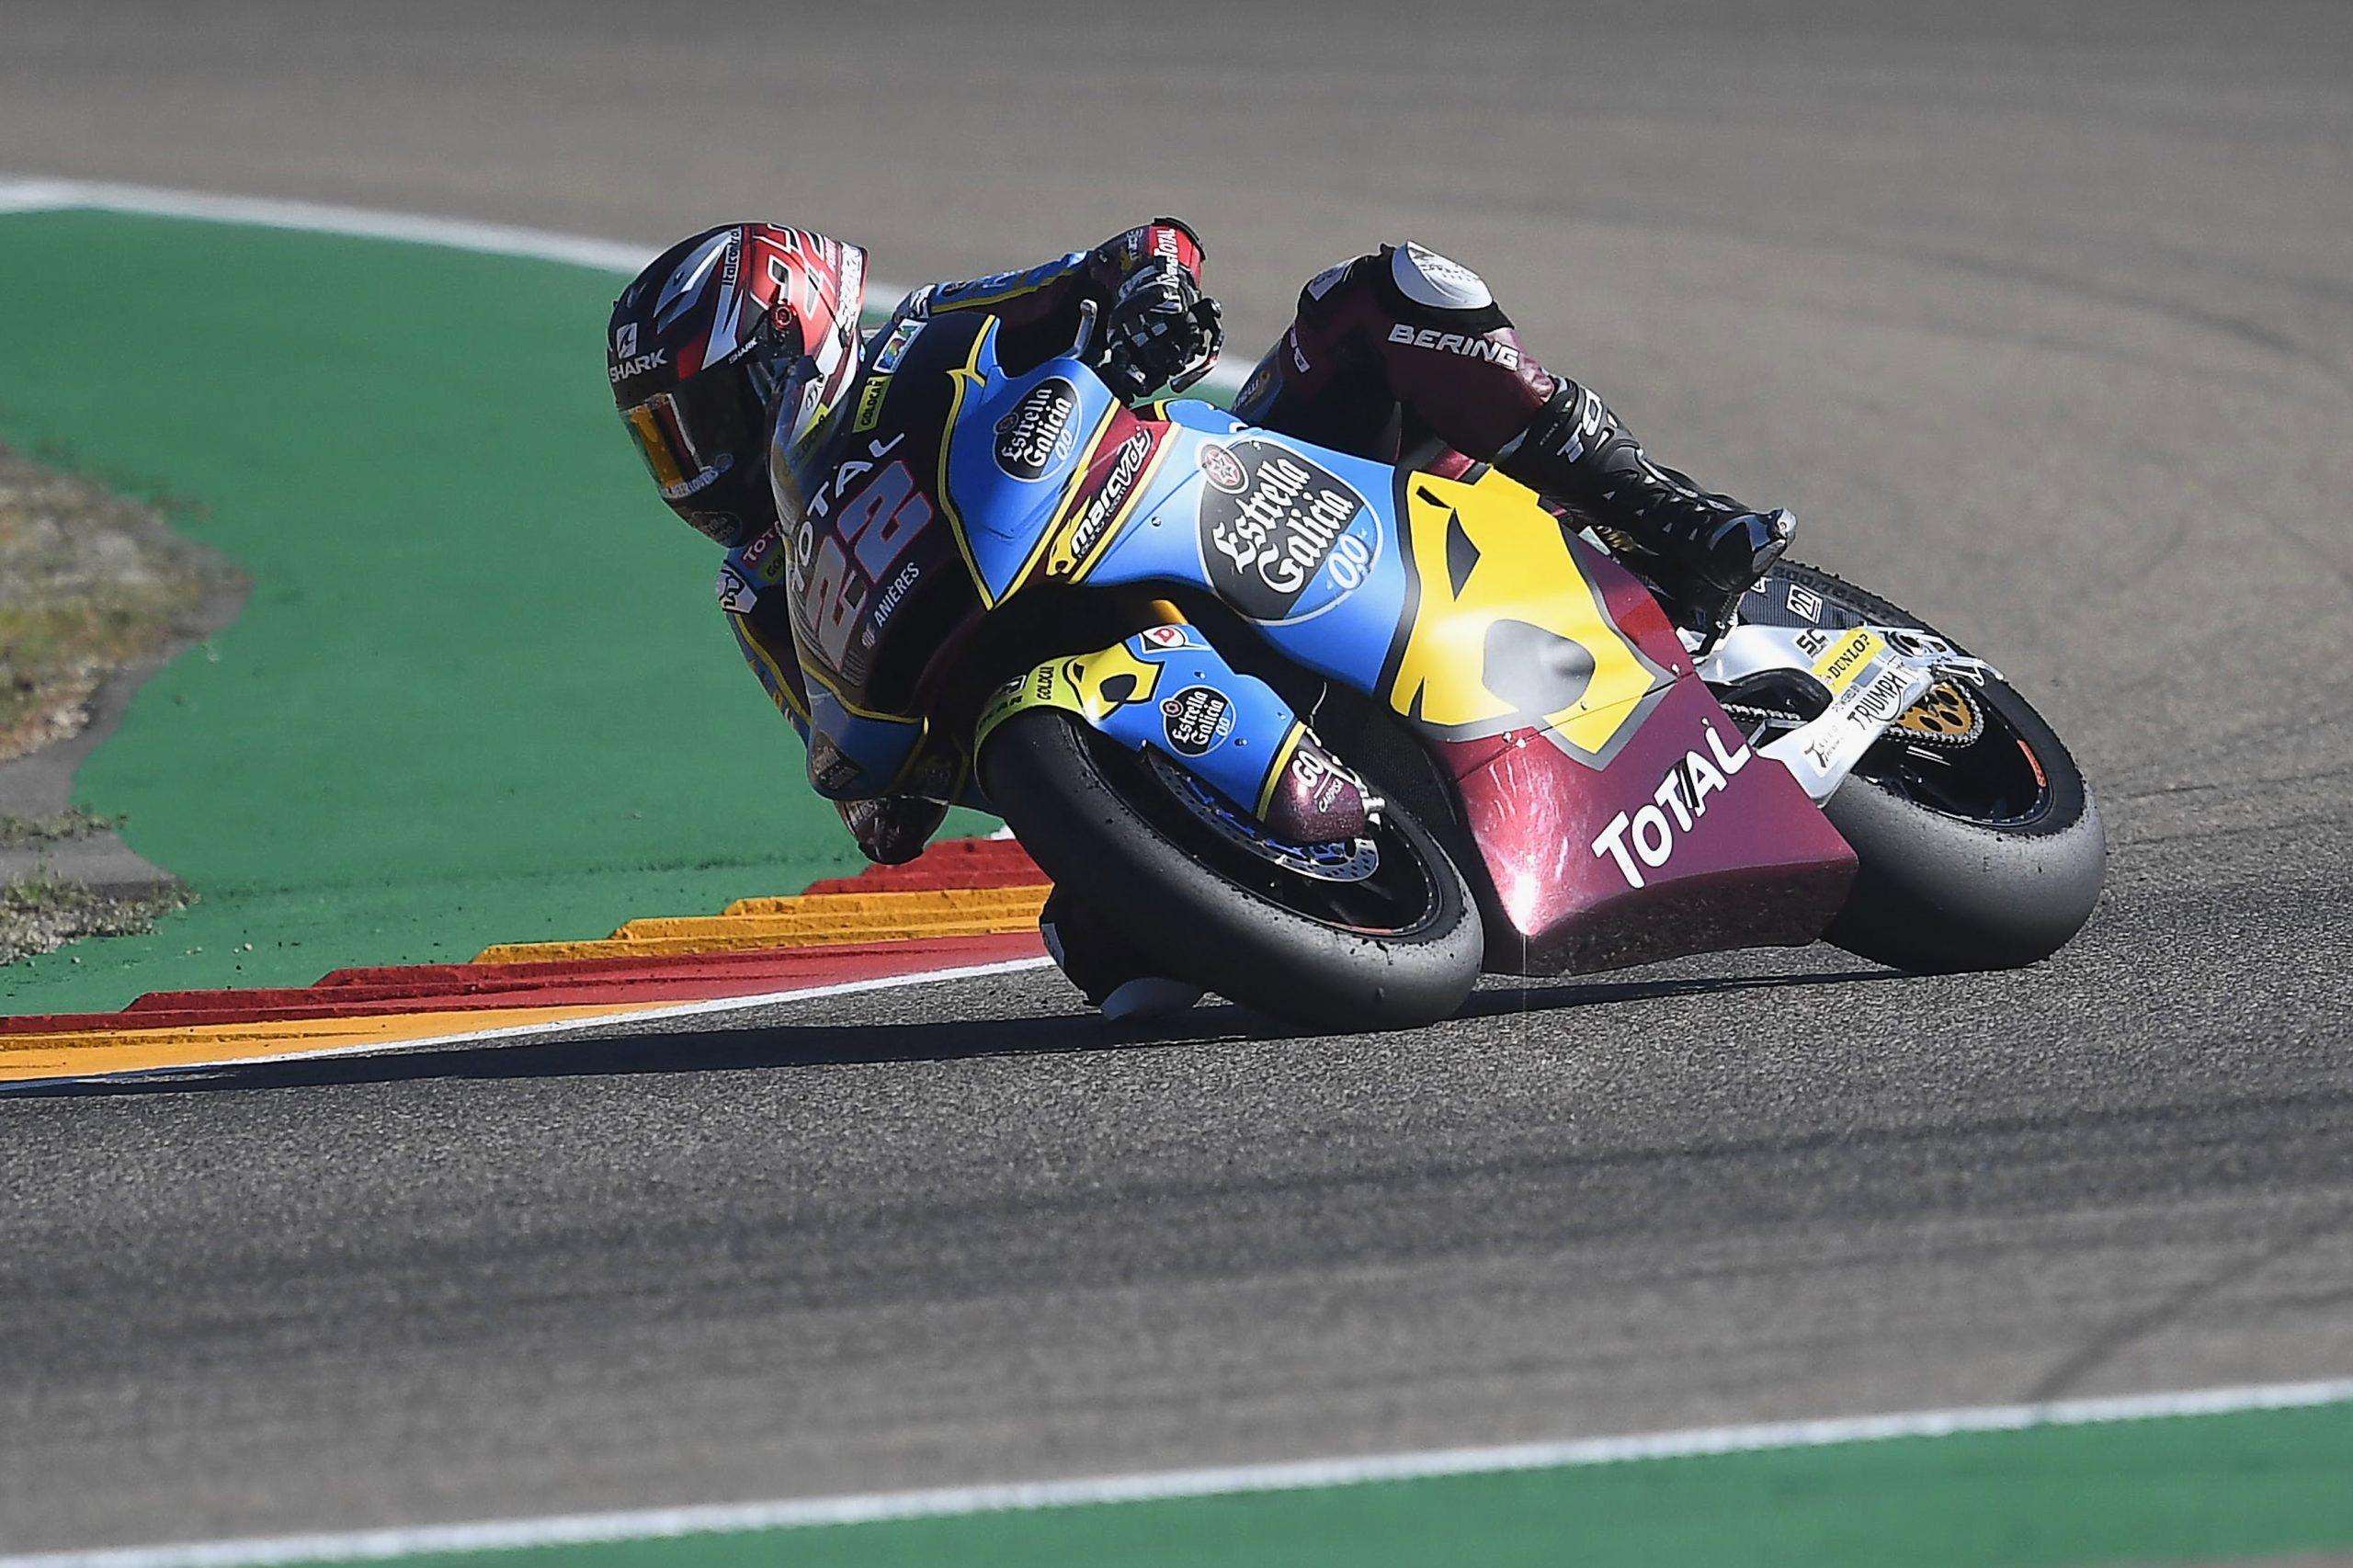 Sam Lowes gana con autoridad en Motorland Aragón y estrena liderato